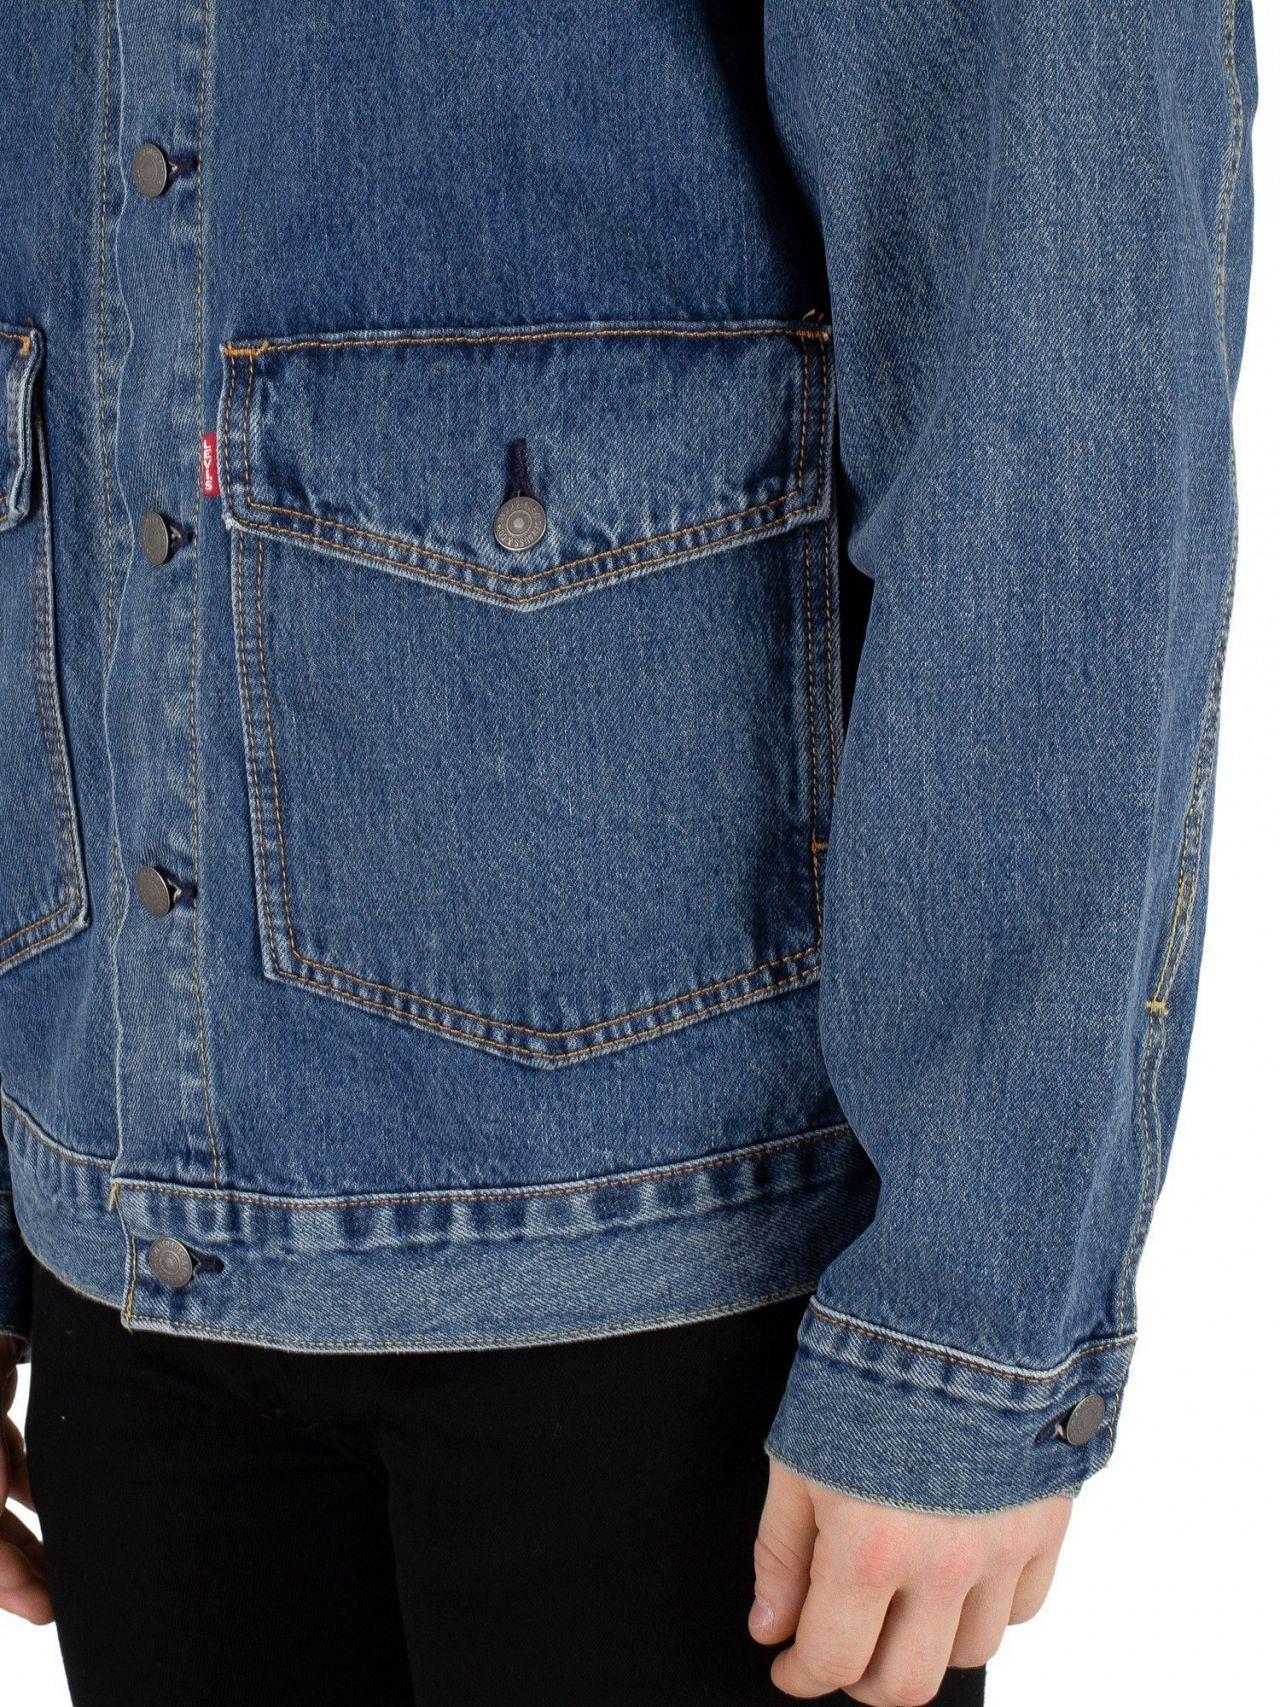 3f8d08a7 Levi's Gear Box Patch Pocket Trucker Jacket in Blue for Men - Lyst